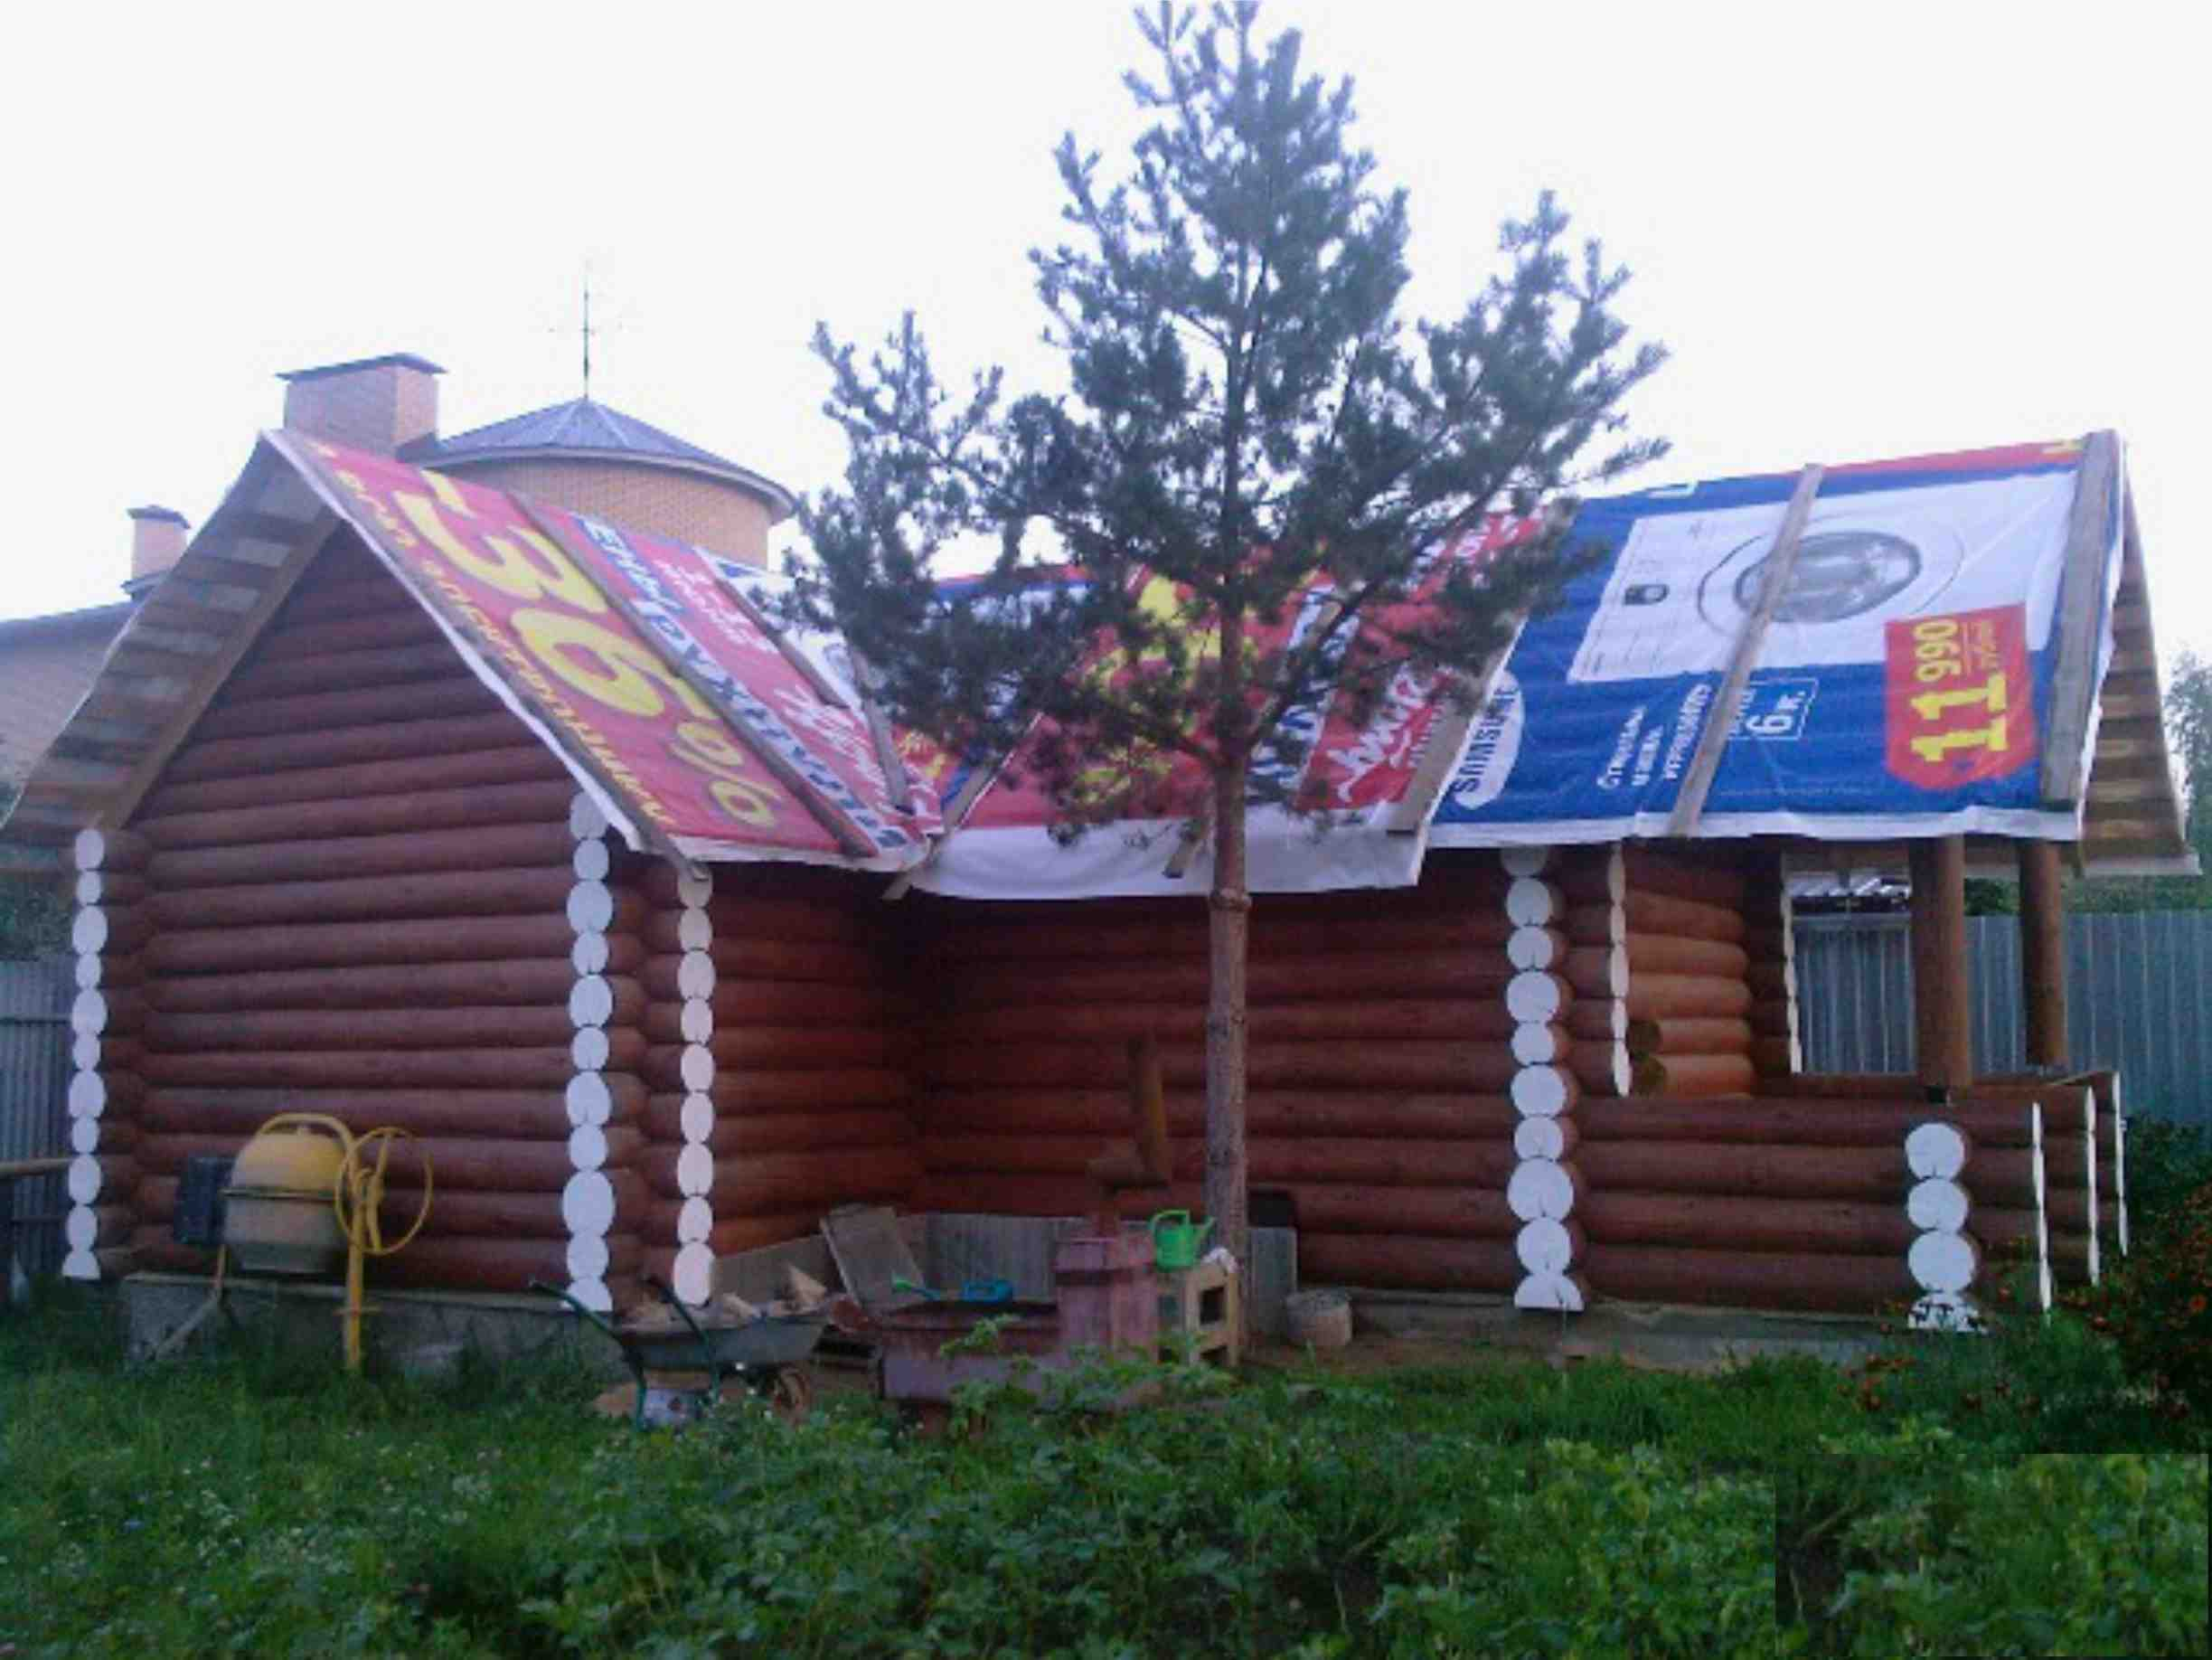 Продажа рекламных баннеров б/у в Березниках